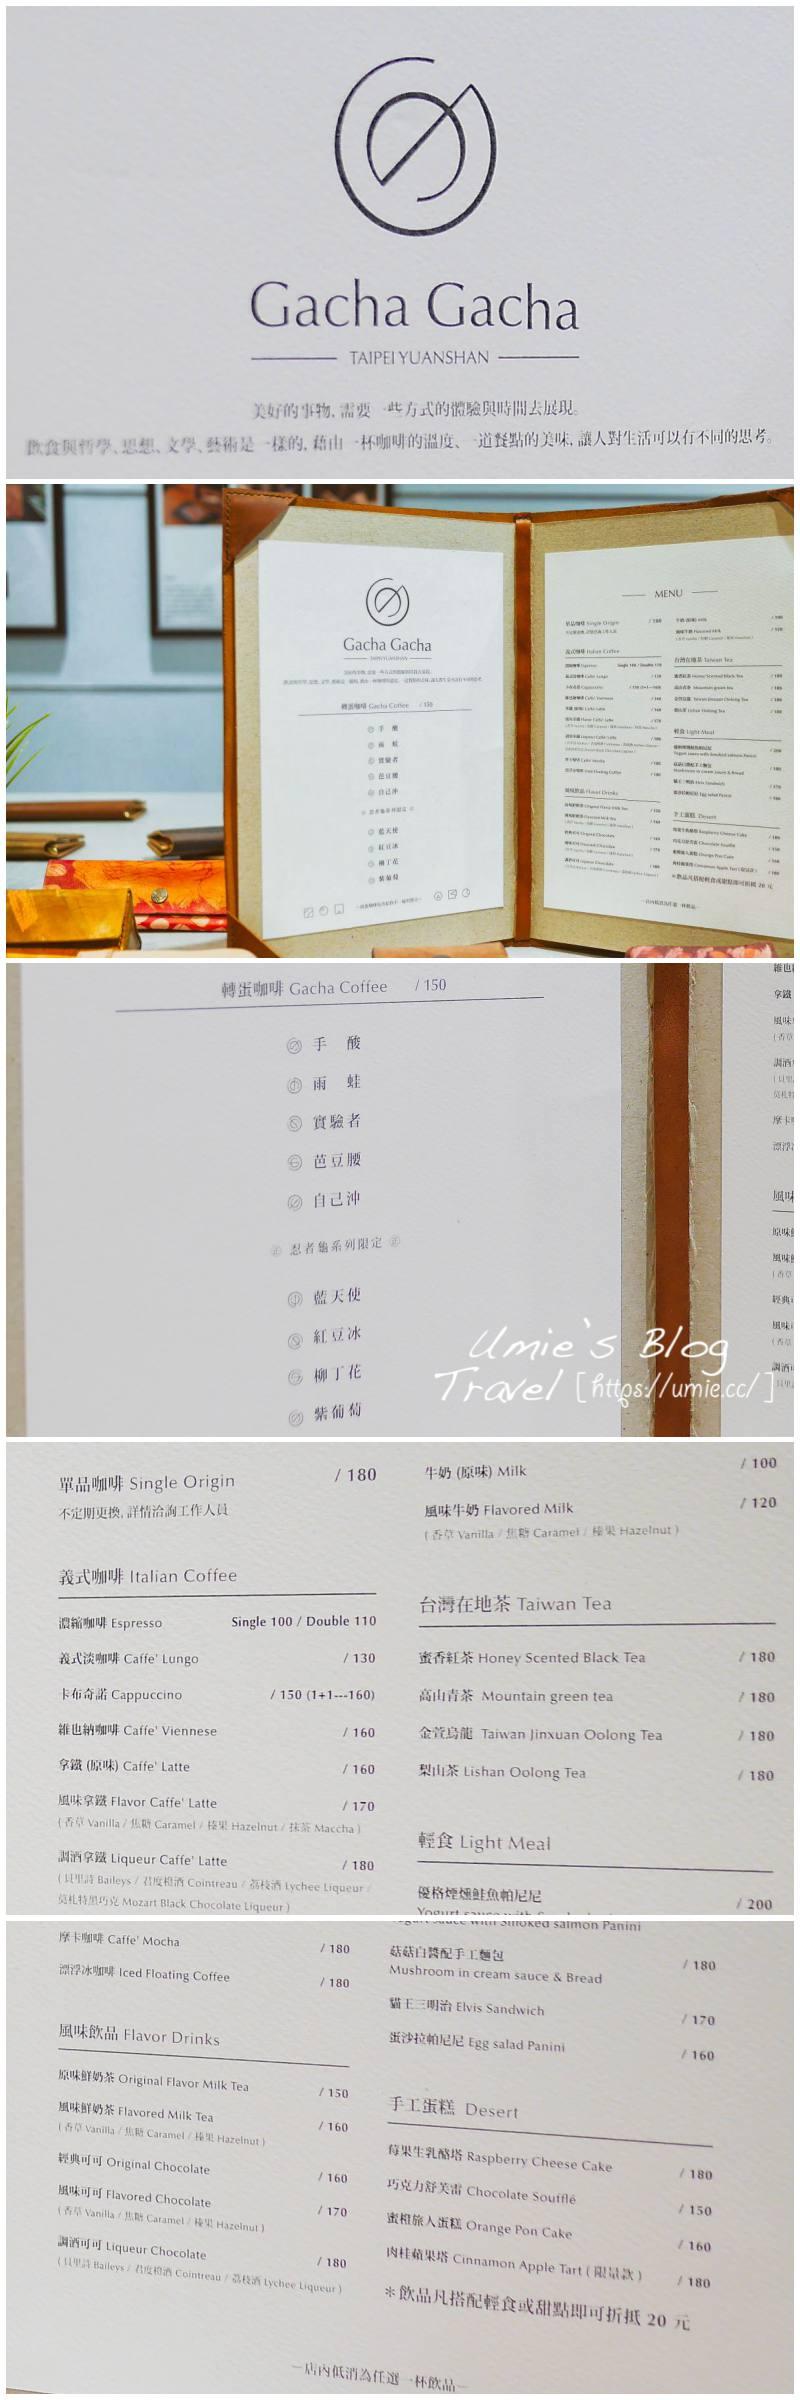 台北中山區咖啡廳|Gacha Gacha 轉咖啡,用扭蛋扭出獨特咖啡香 :) (捷運圓山站)